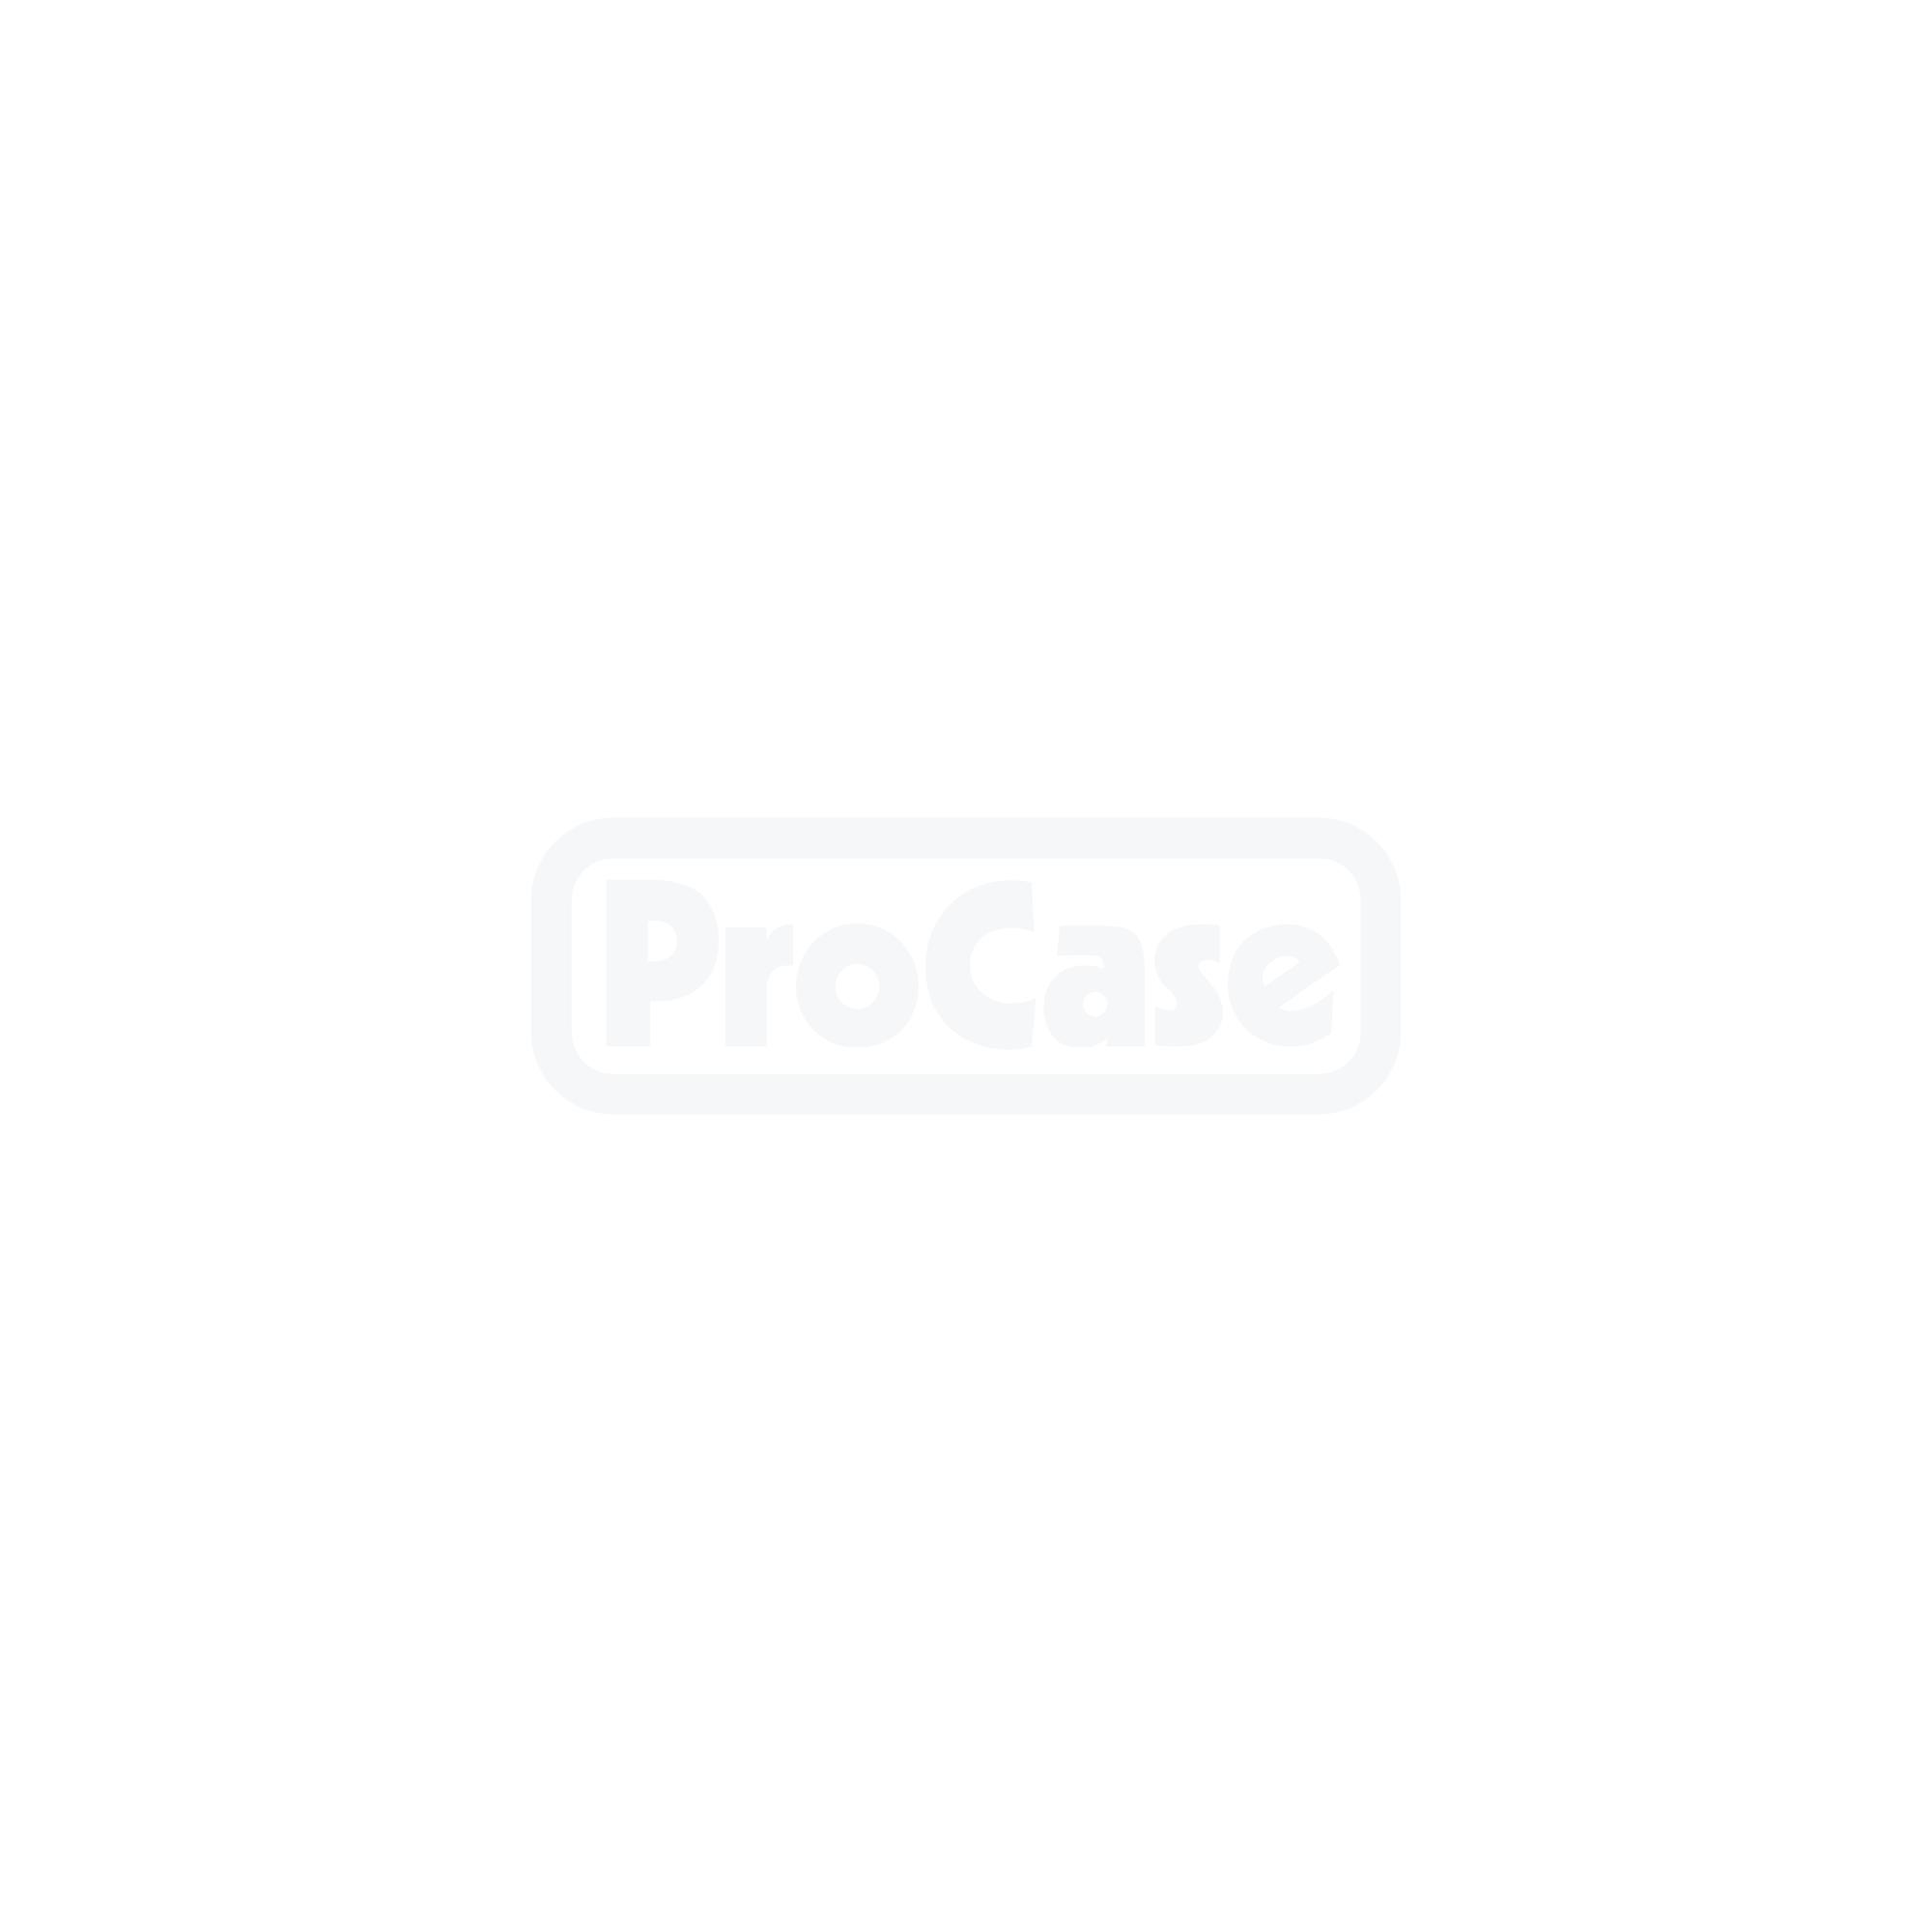 QSD Stack-Rack 3HE 600 tief